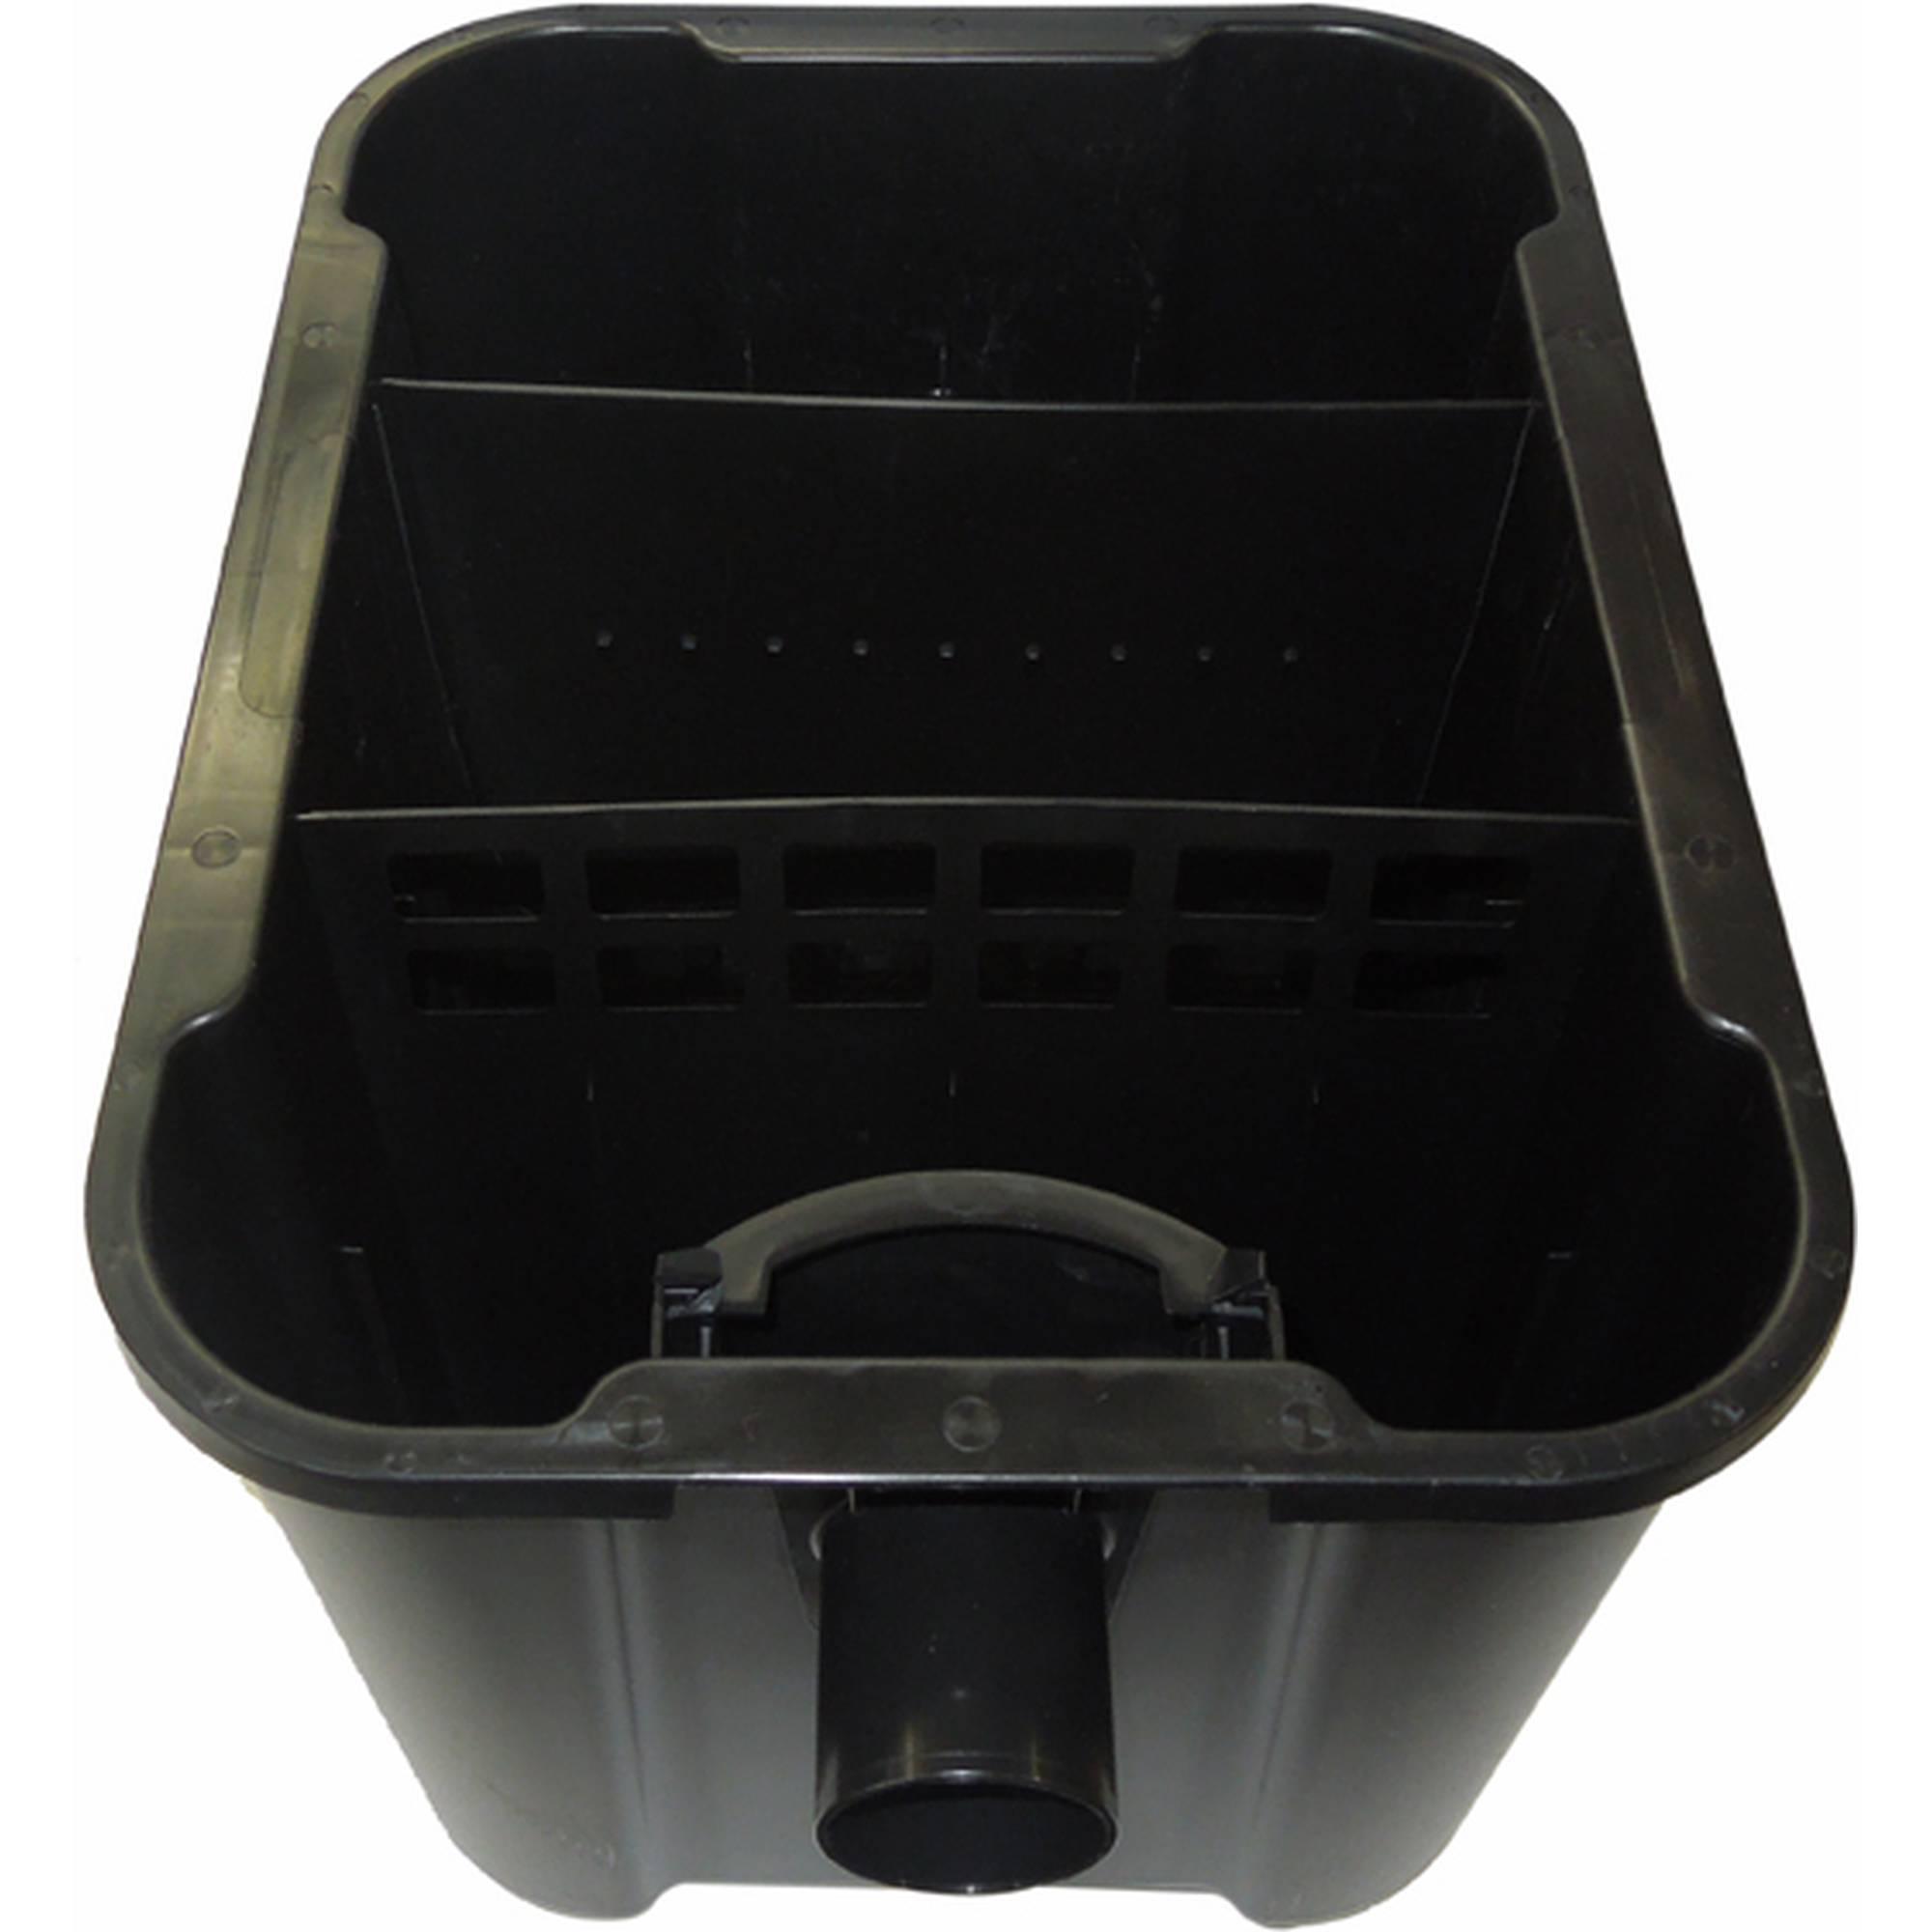 Filtertank f. HLF4950-00 + FPU7000-0